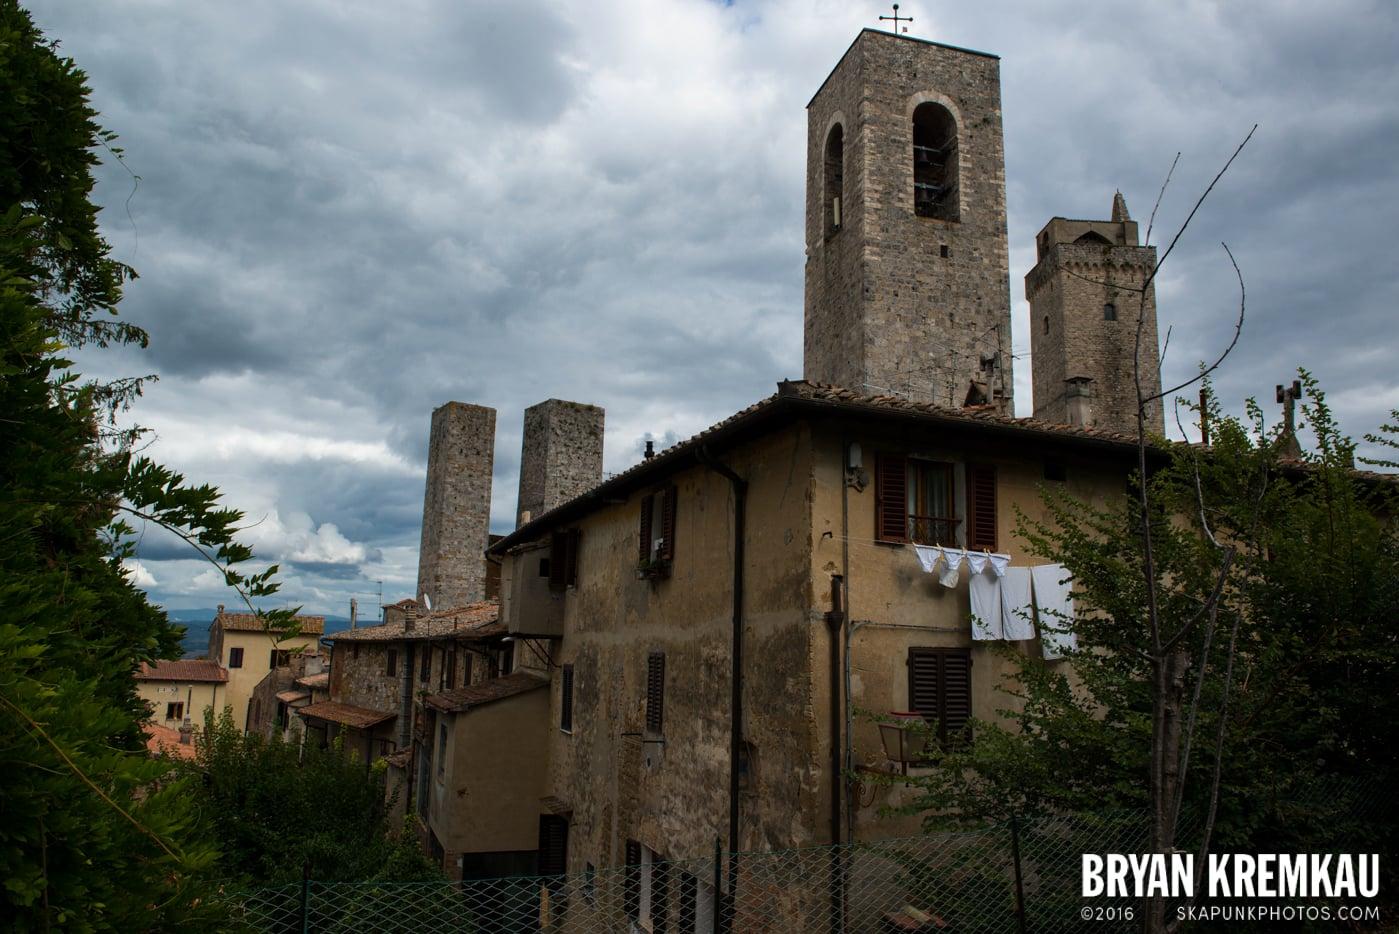 Italy Vacation - Day 8: Siena, San Gimignano, Chianti, Pisa - 9.16.13 (53)